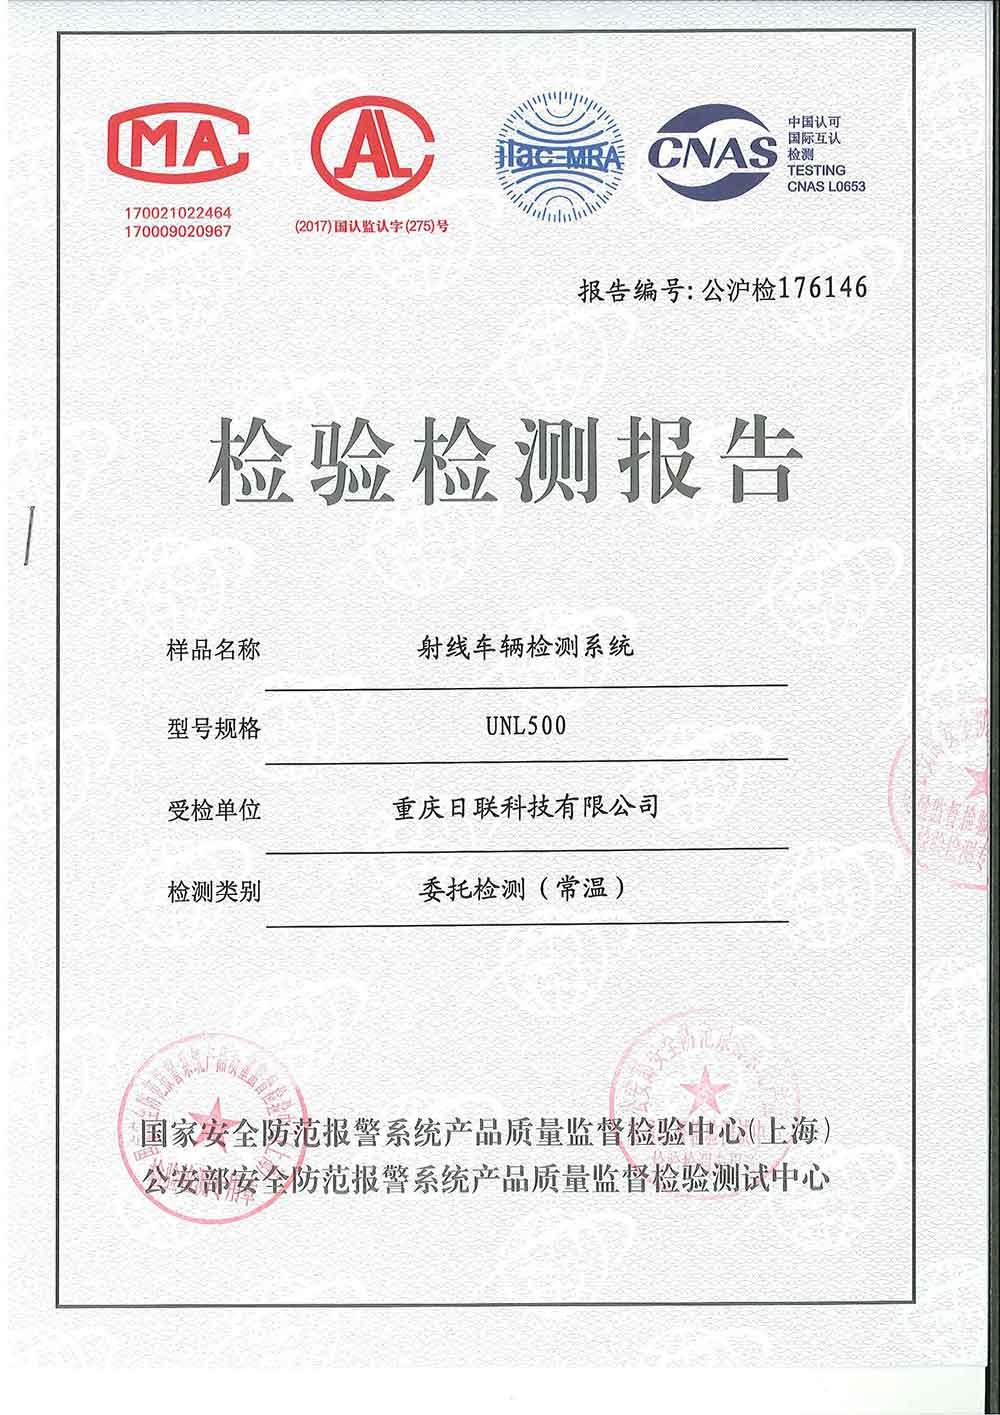 绿通车检系统·公安部检测认证报告